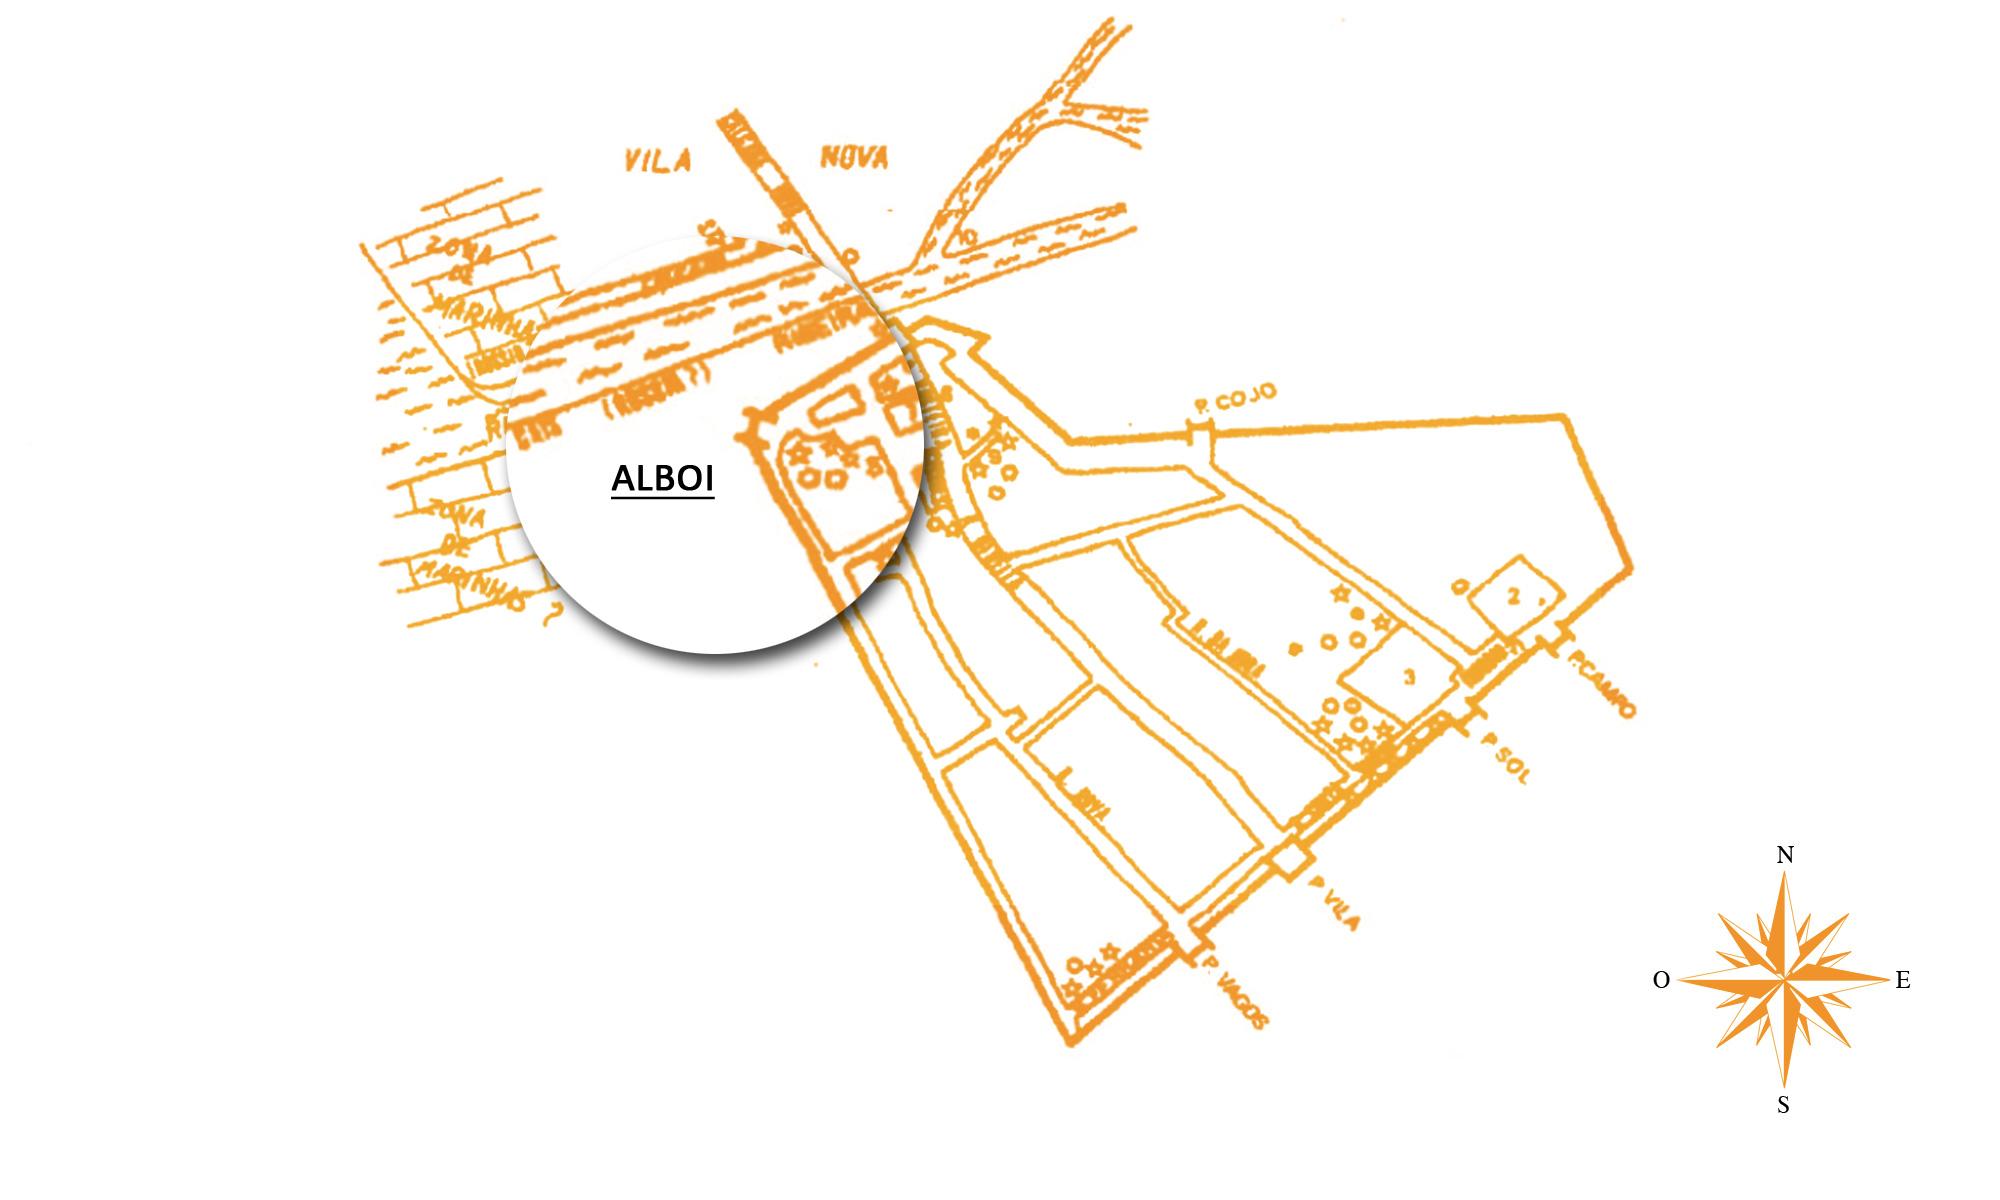 aveiro-muralha-bairro-alboi